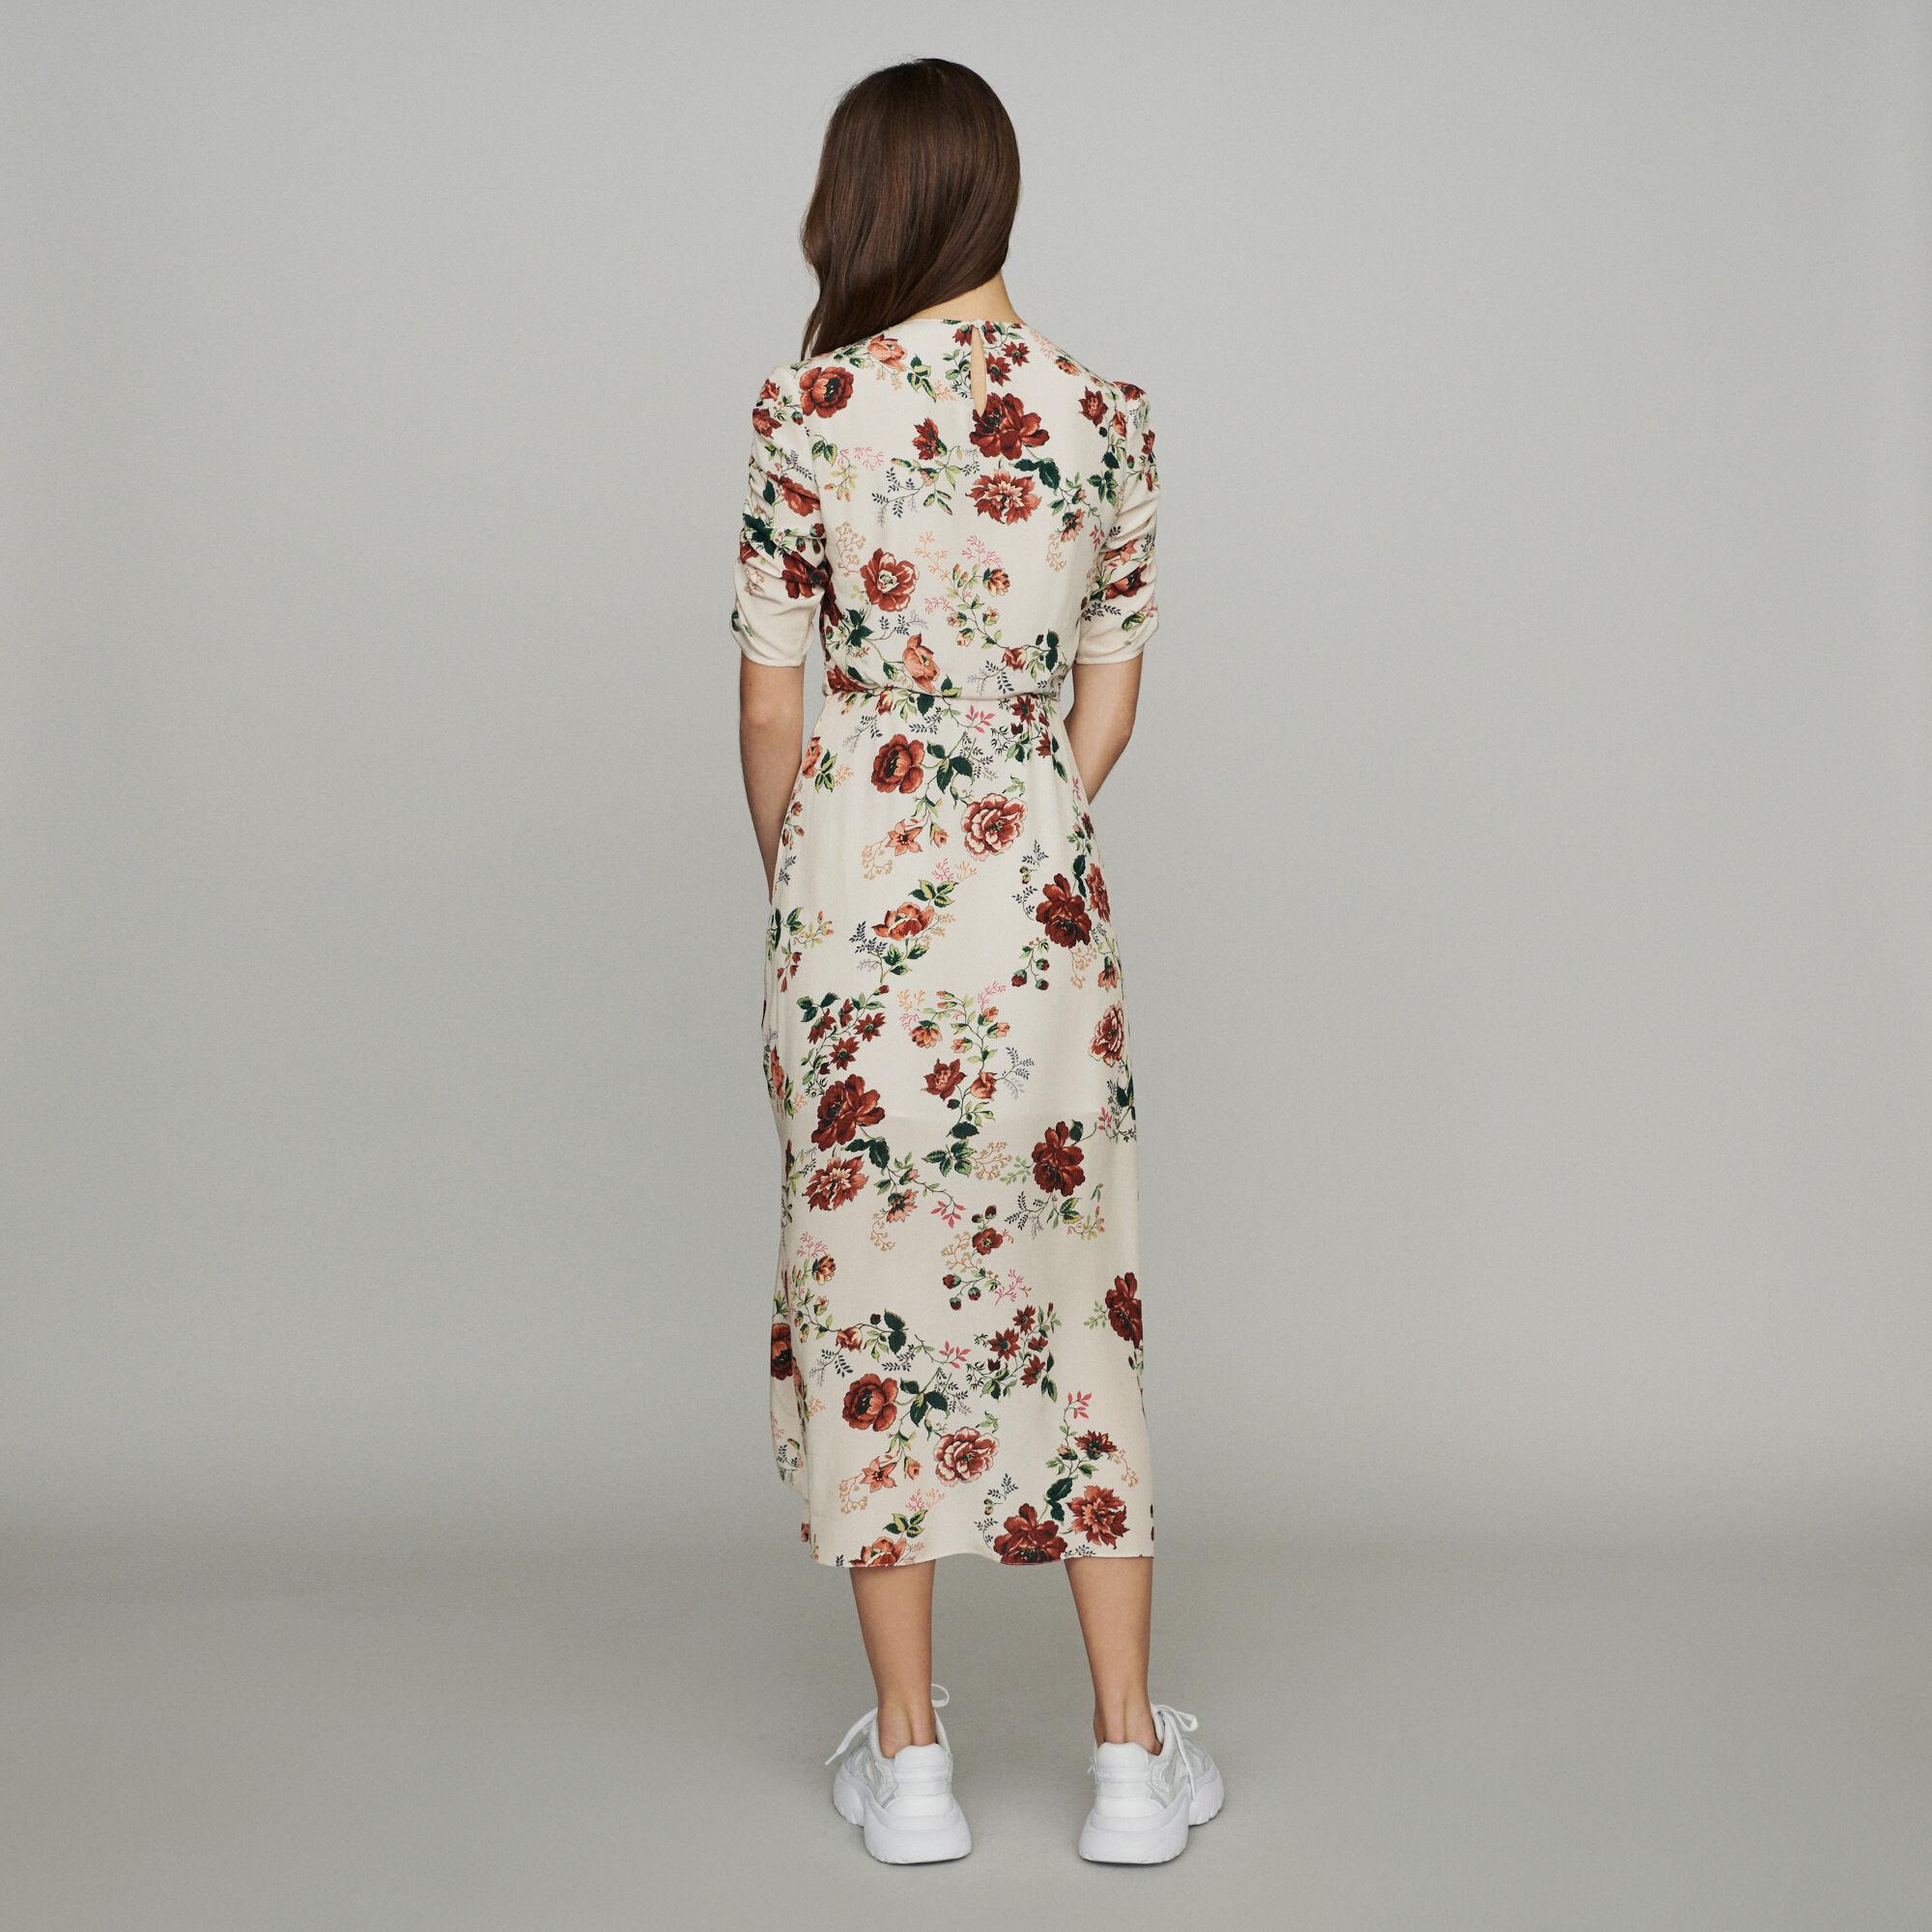 Imprimé Froncée À Floral Robes Longue Robe Rondi Maje Paris Uq6xRaIwU